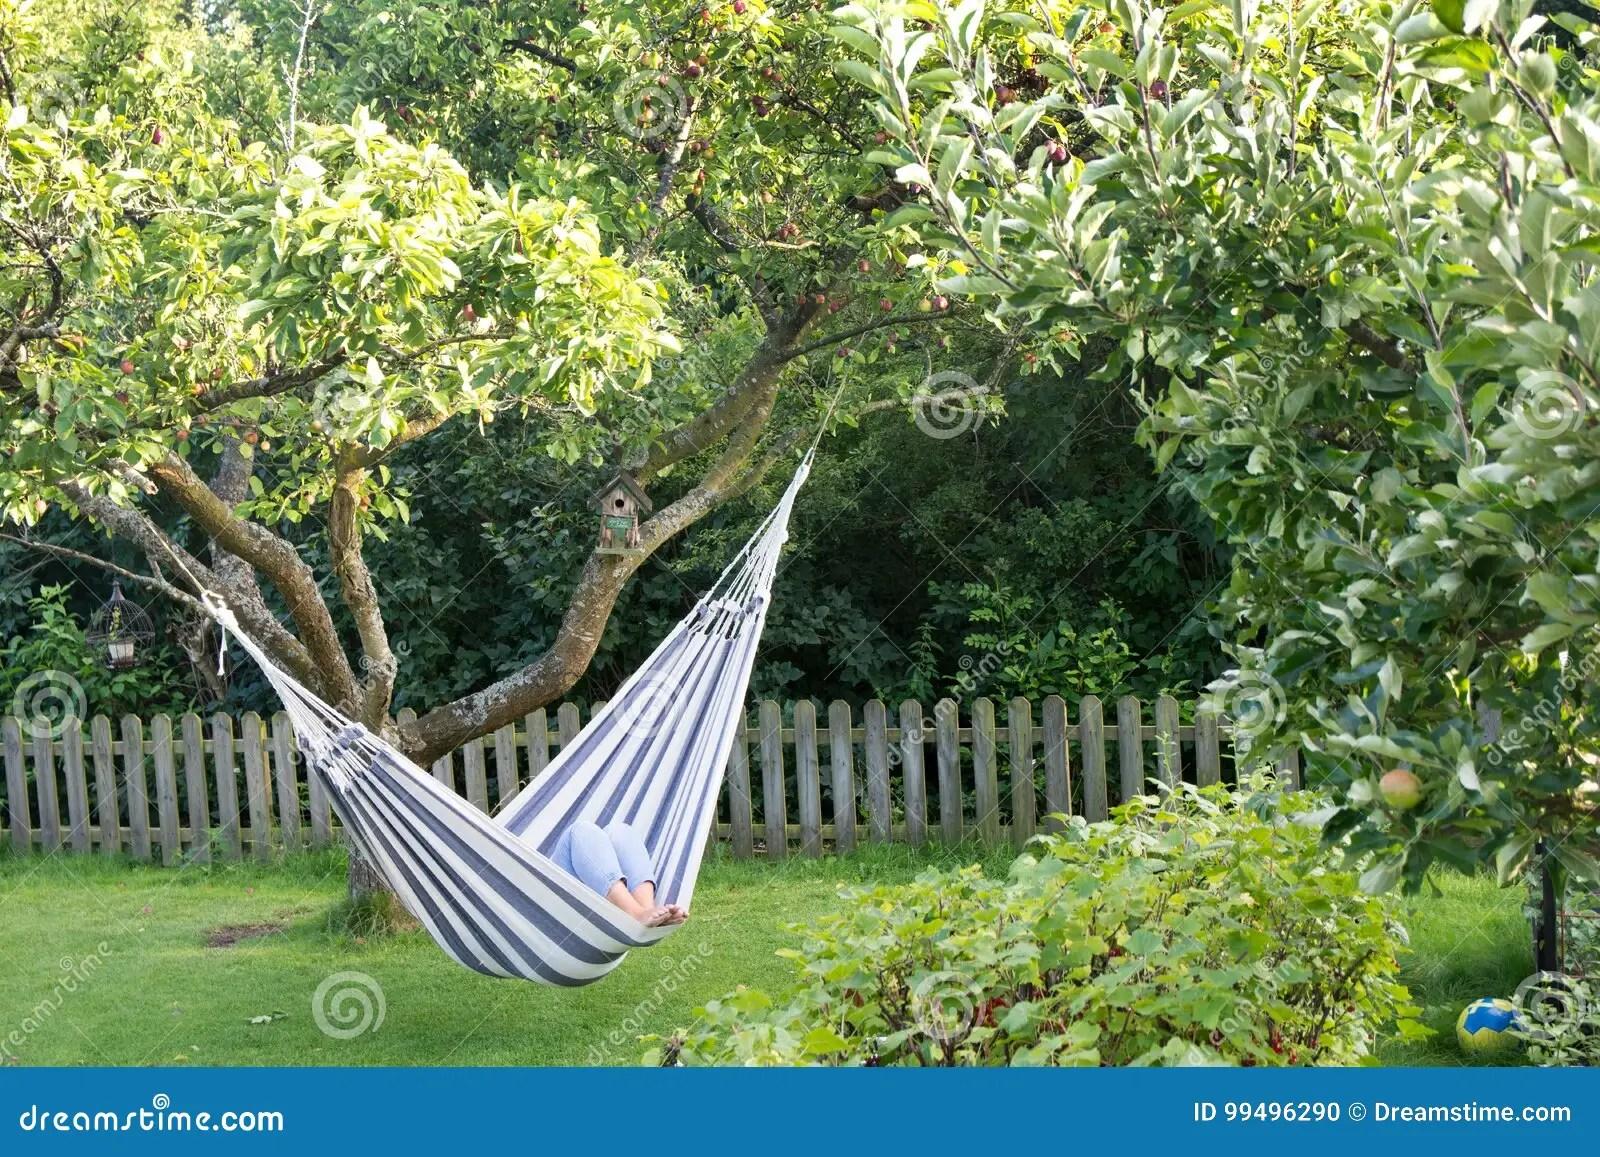 h ngematte f r garten h ngematten f r terrasse und garten vermitteln ein sommerliches flair ff. Black Bedroom Furniture Sets. Home Design Ideas